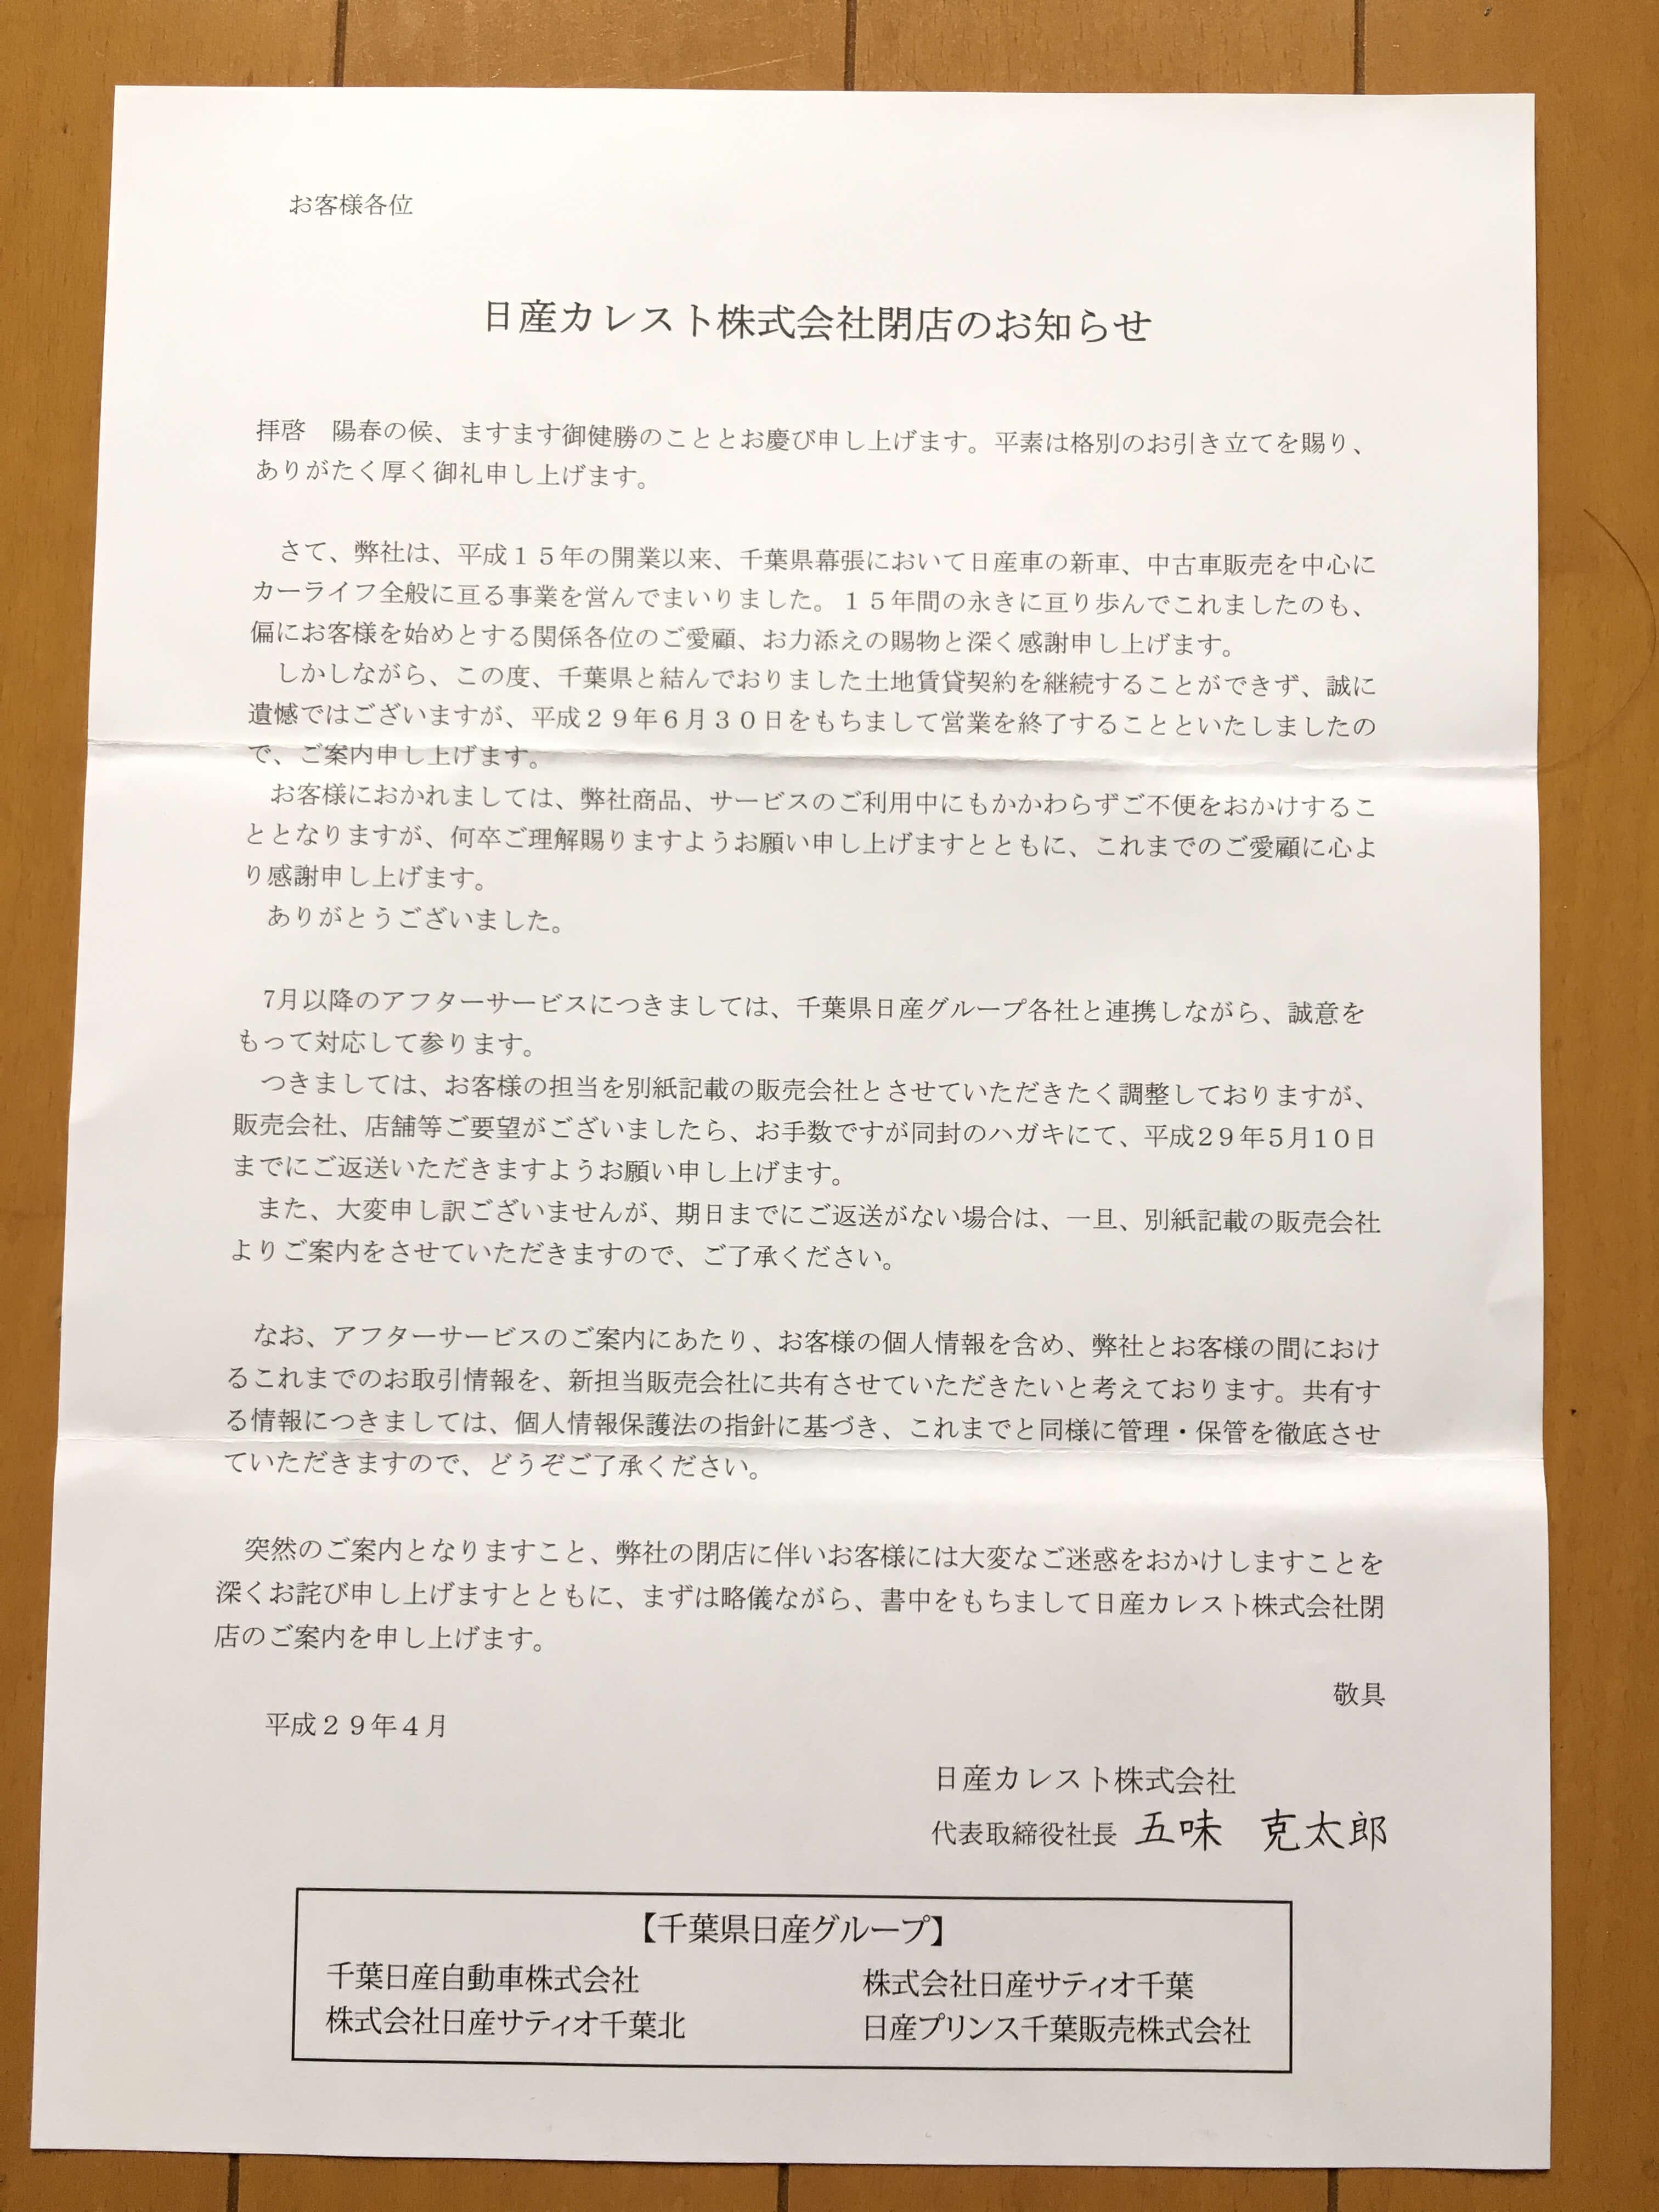 日産カレスト 閉店のお知らせ